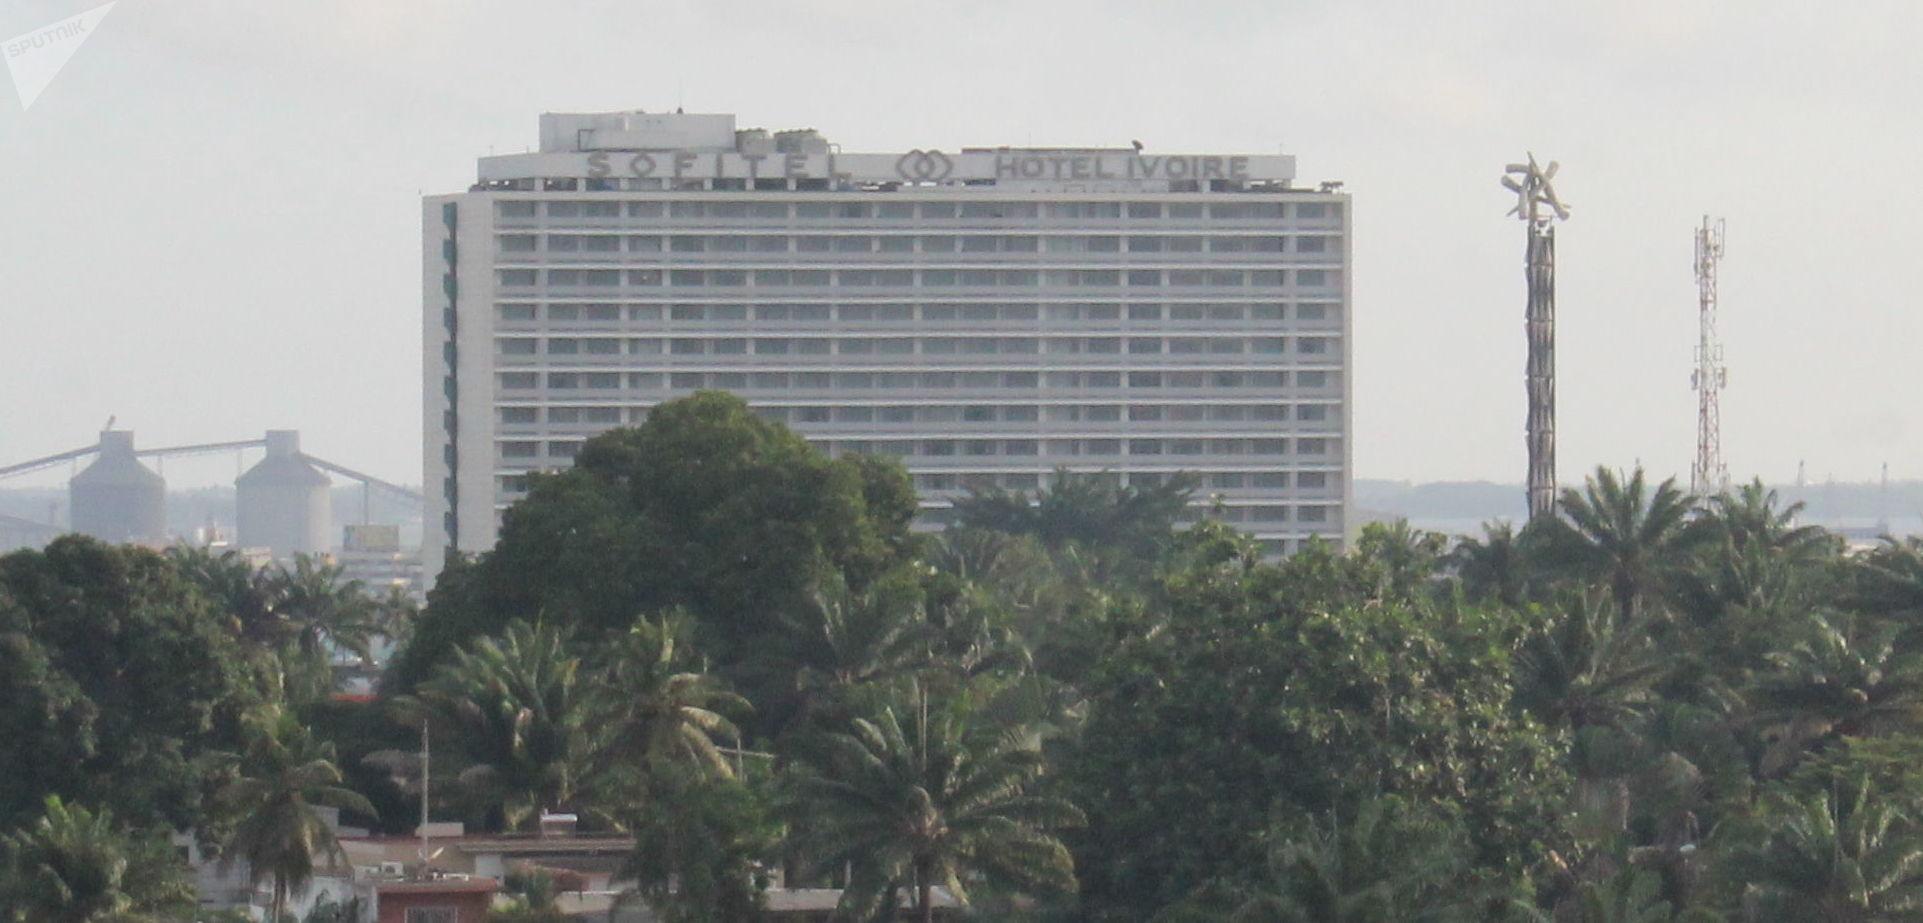 Le gratte-ciel du Sofitel Hôtel Ivoire à Abidjan